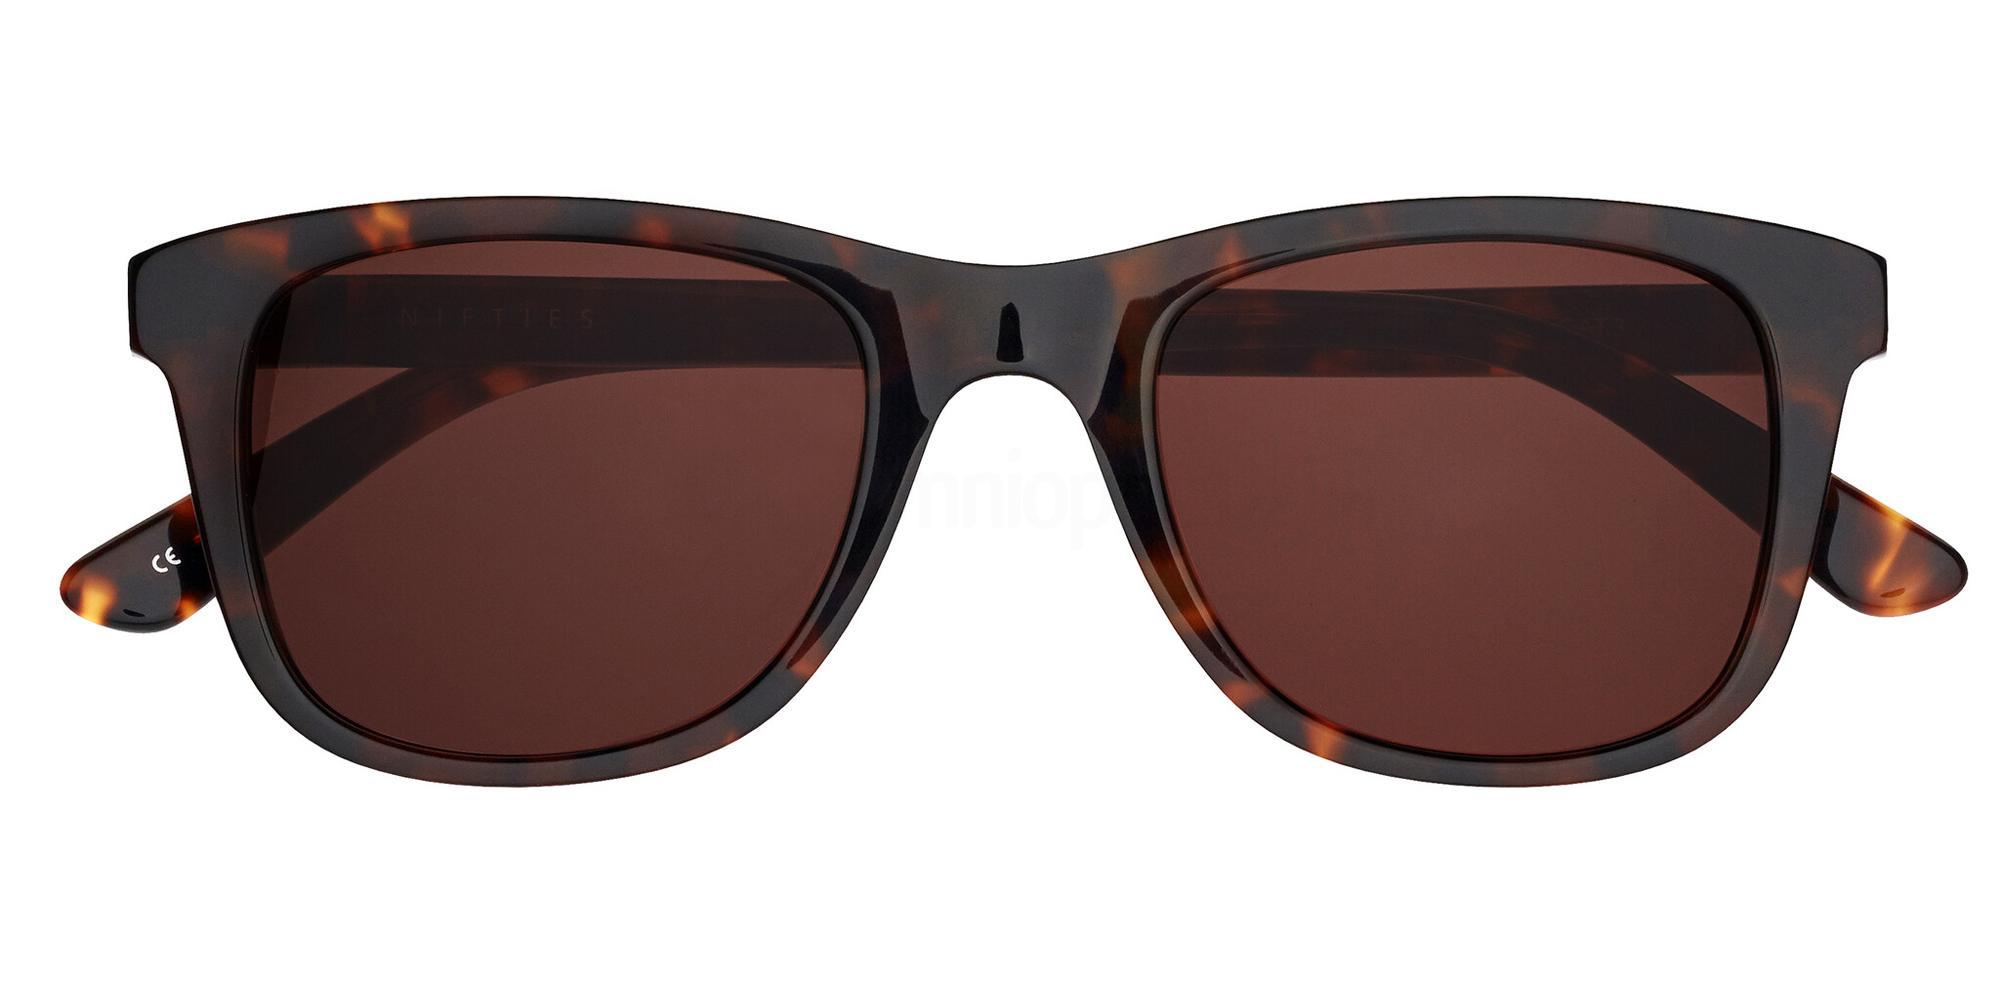 5534 NI9802 Sunglasses, Nifties